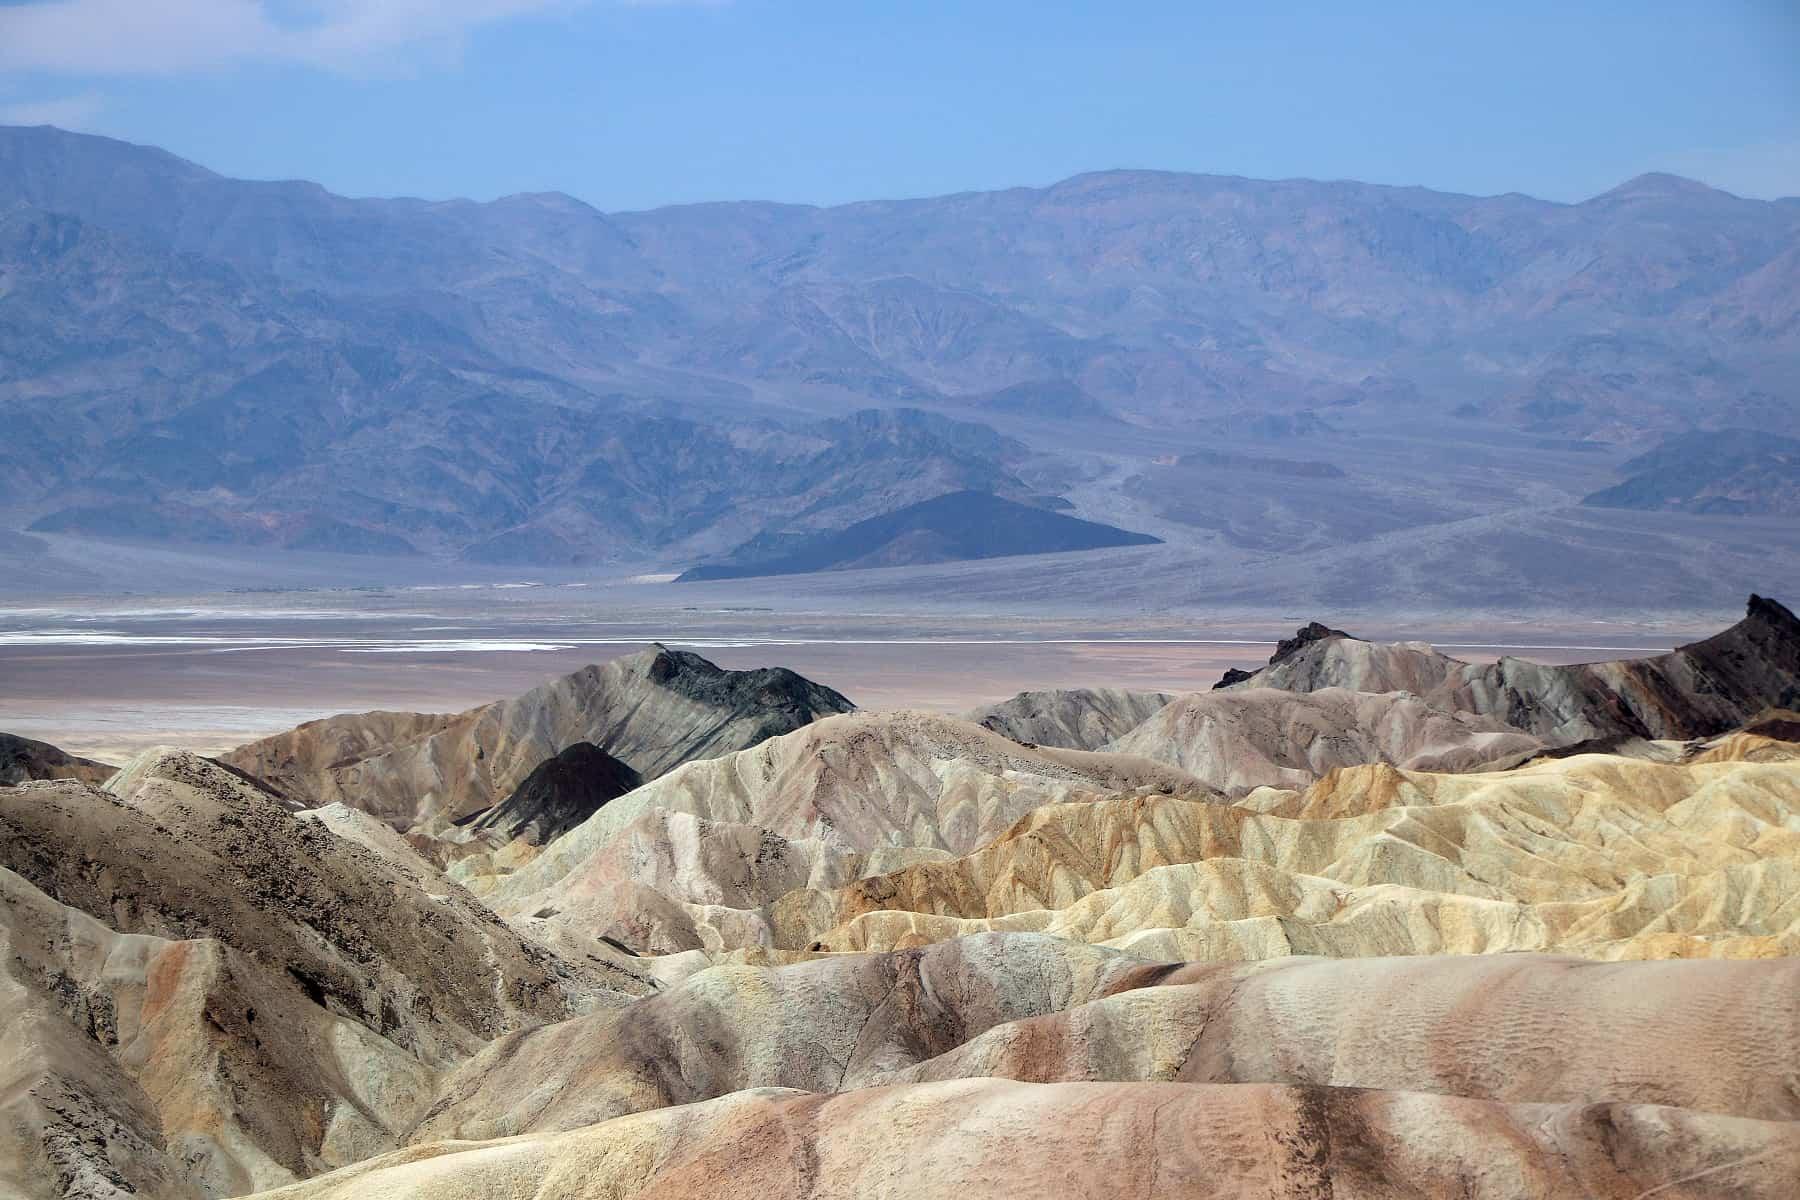 Zobaczyć Dolinę Śmierci i przeżyć – dzień 9